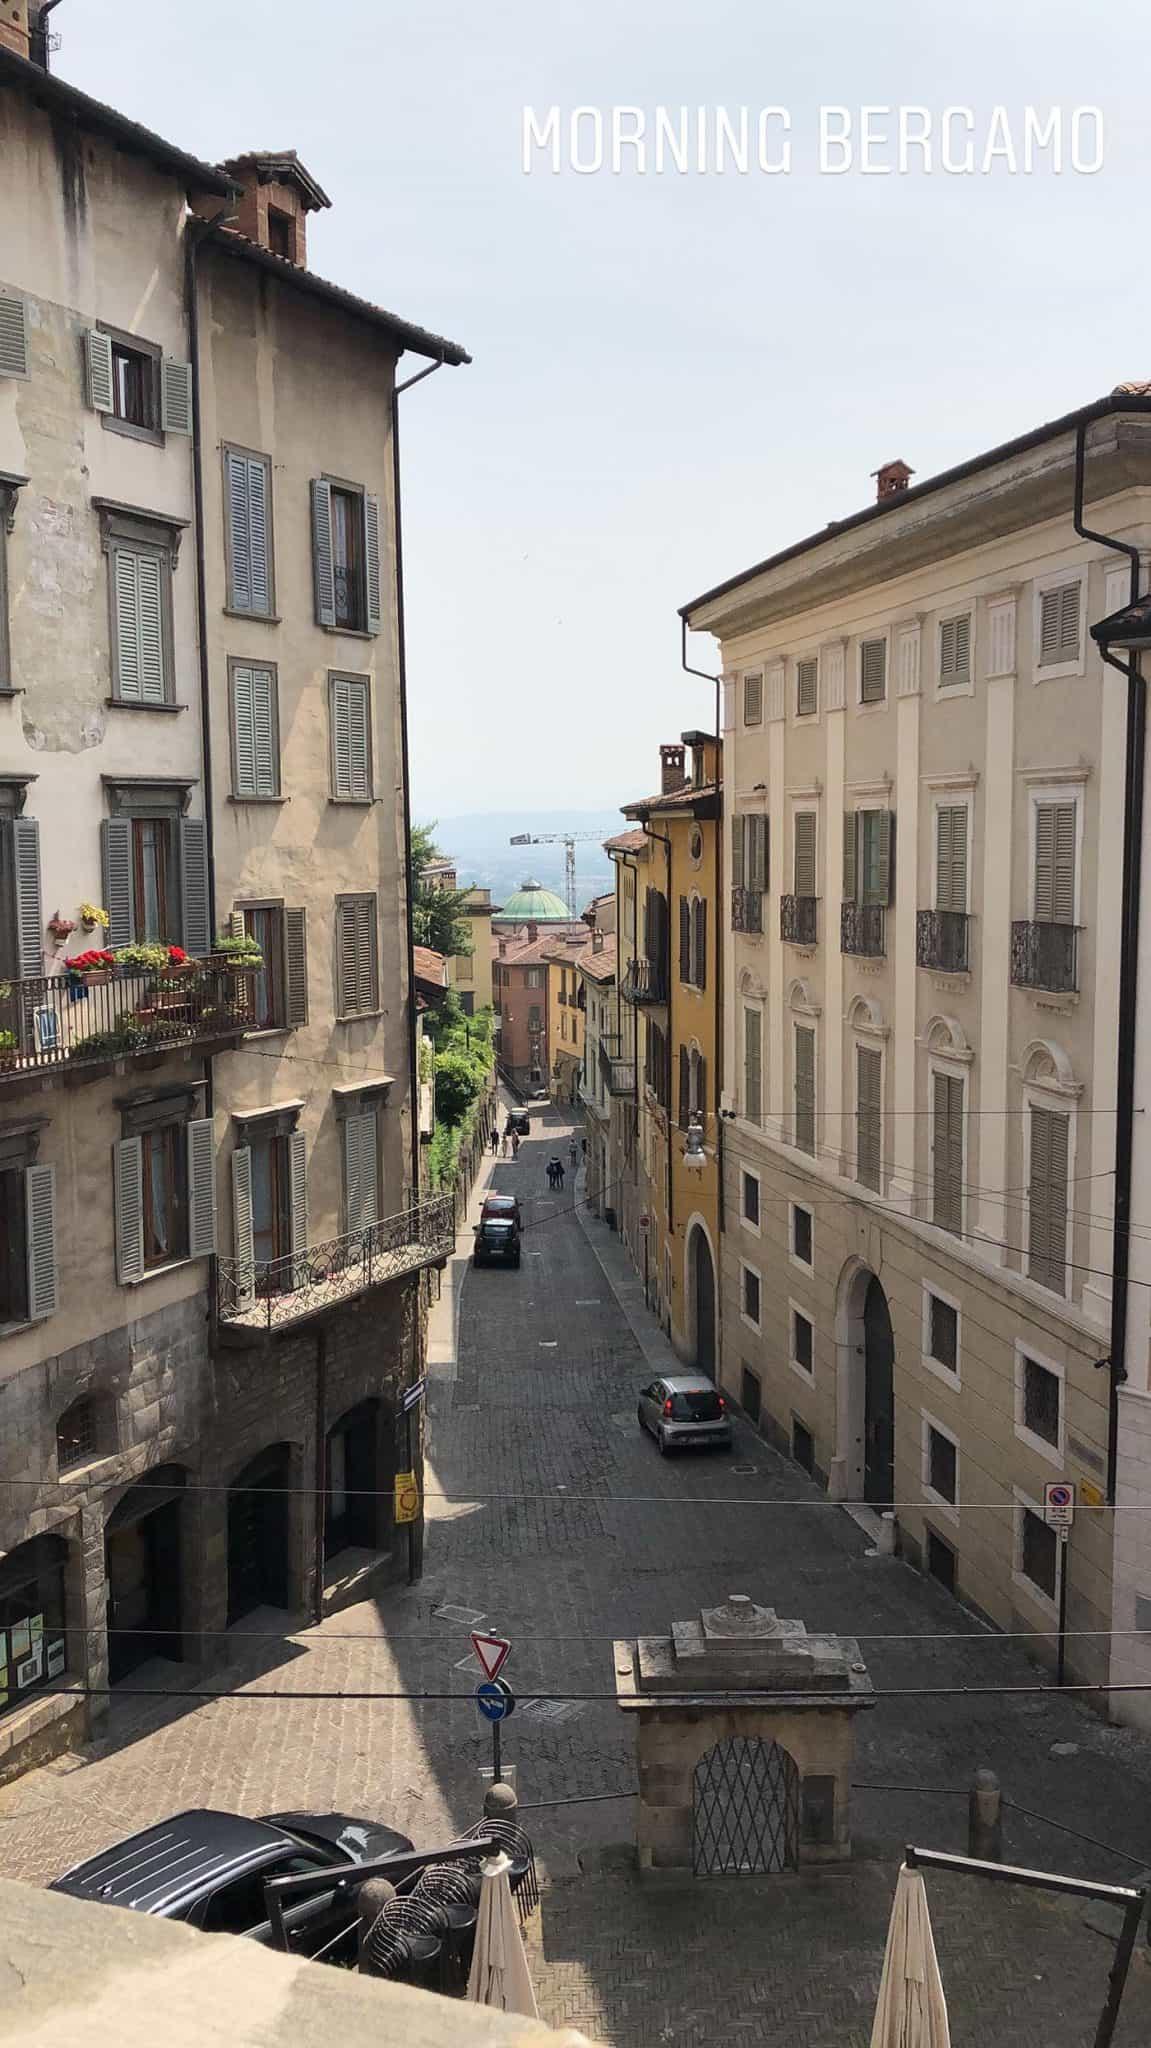 48 Hours in Bergamo, Italy